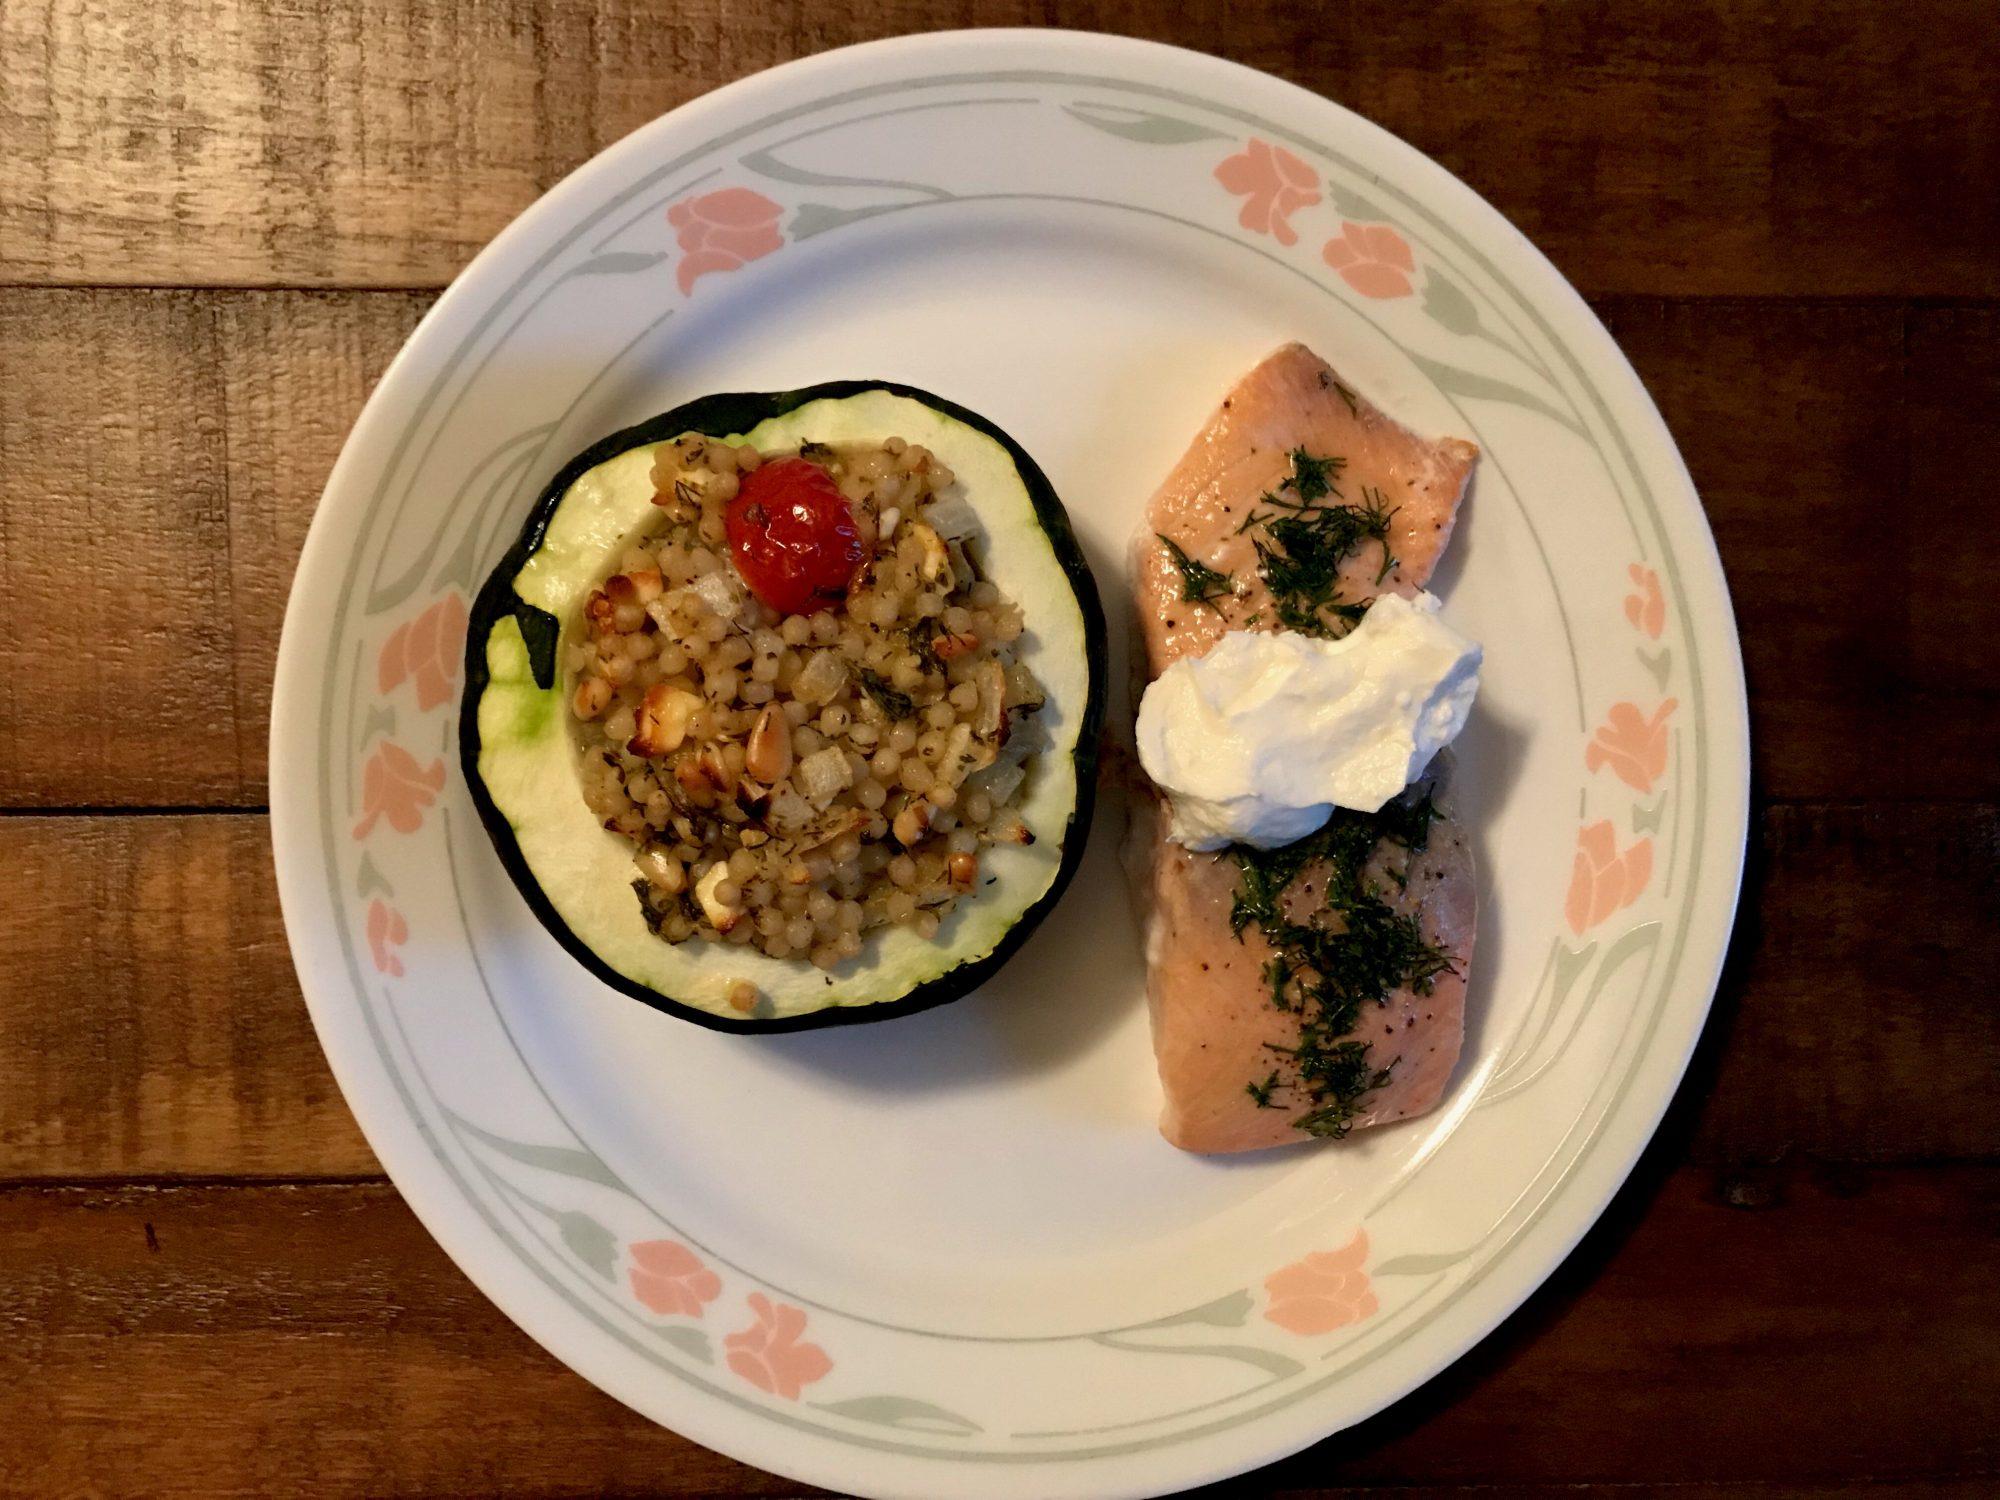 Pattypan Squash plate